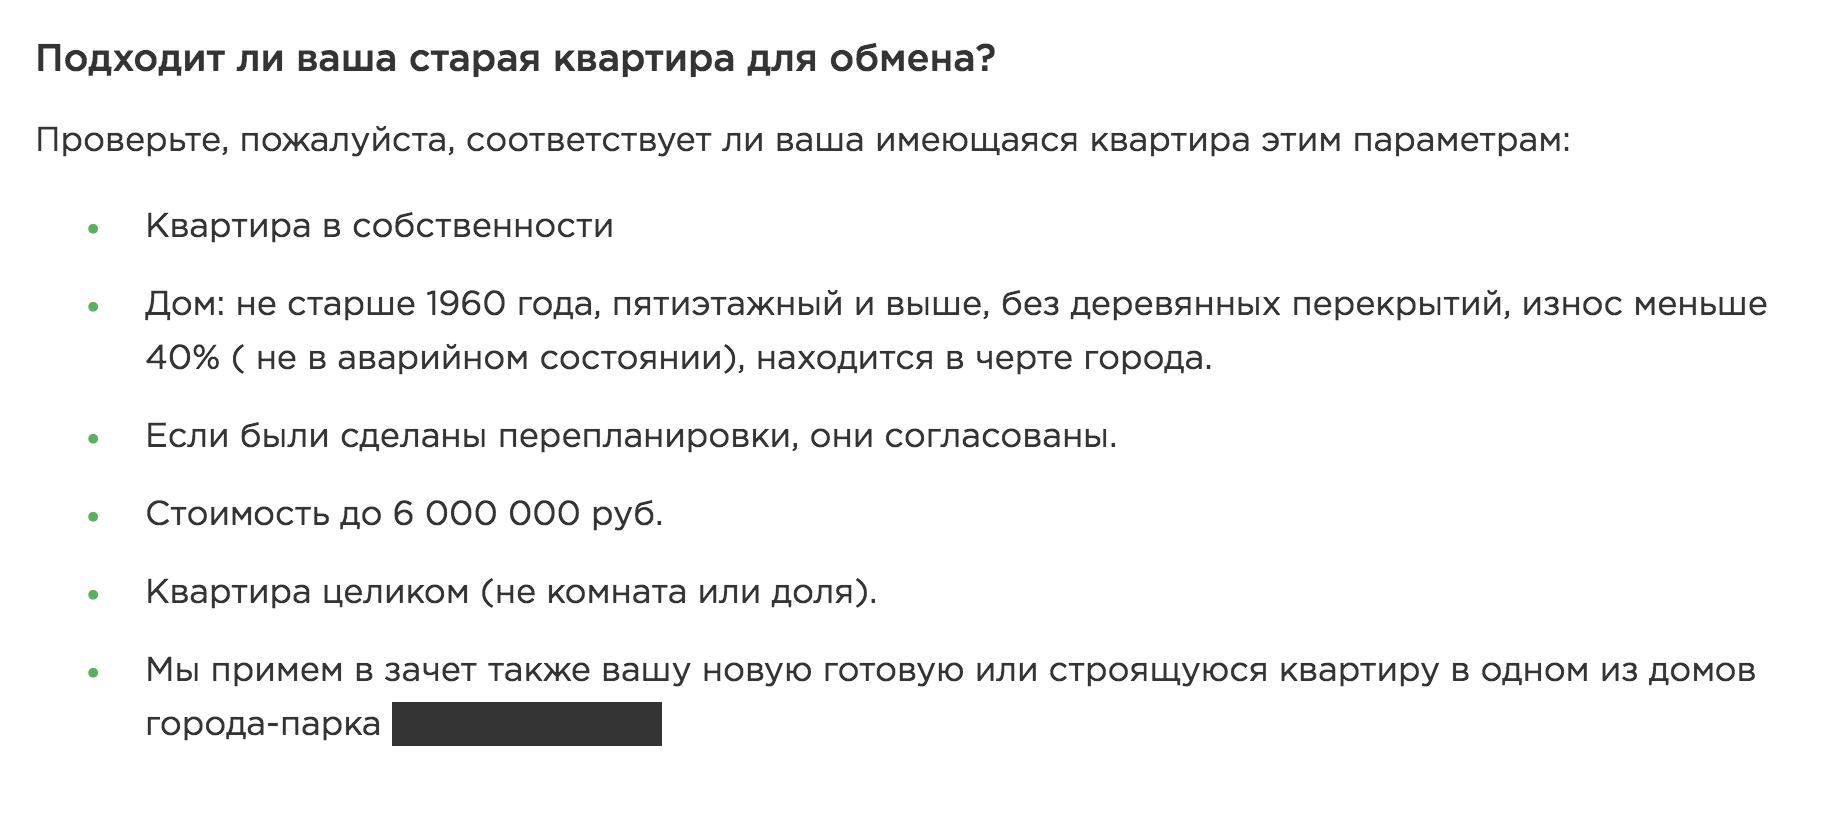 Требования к квартире на сайте моего застройщика